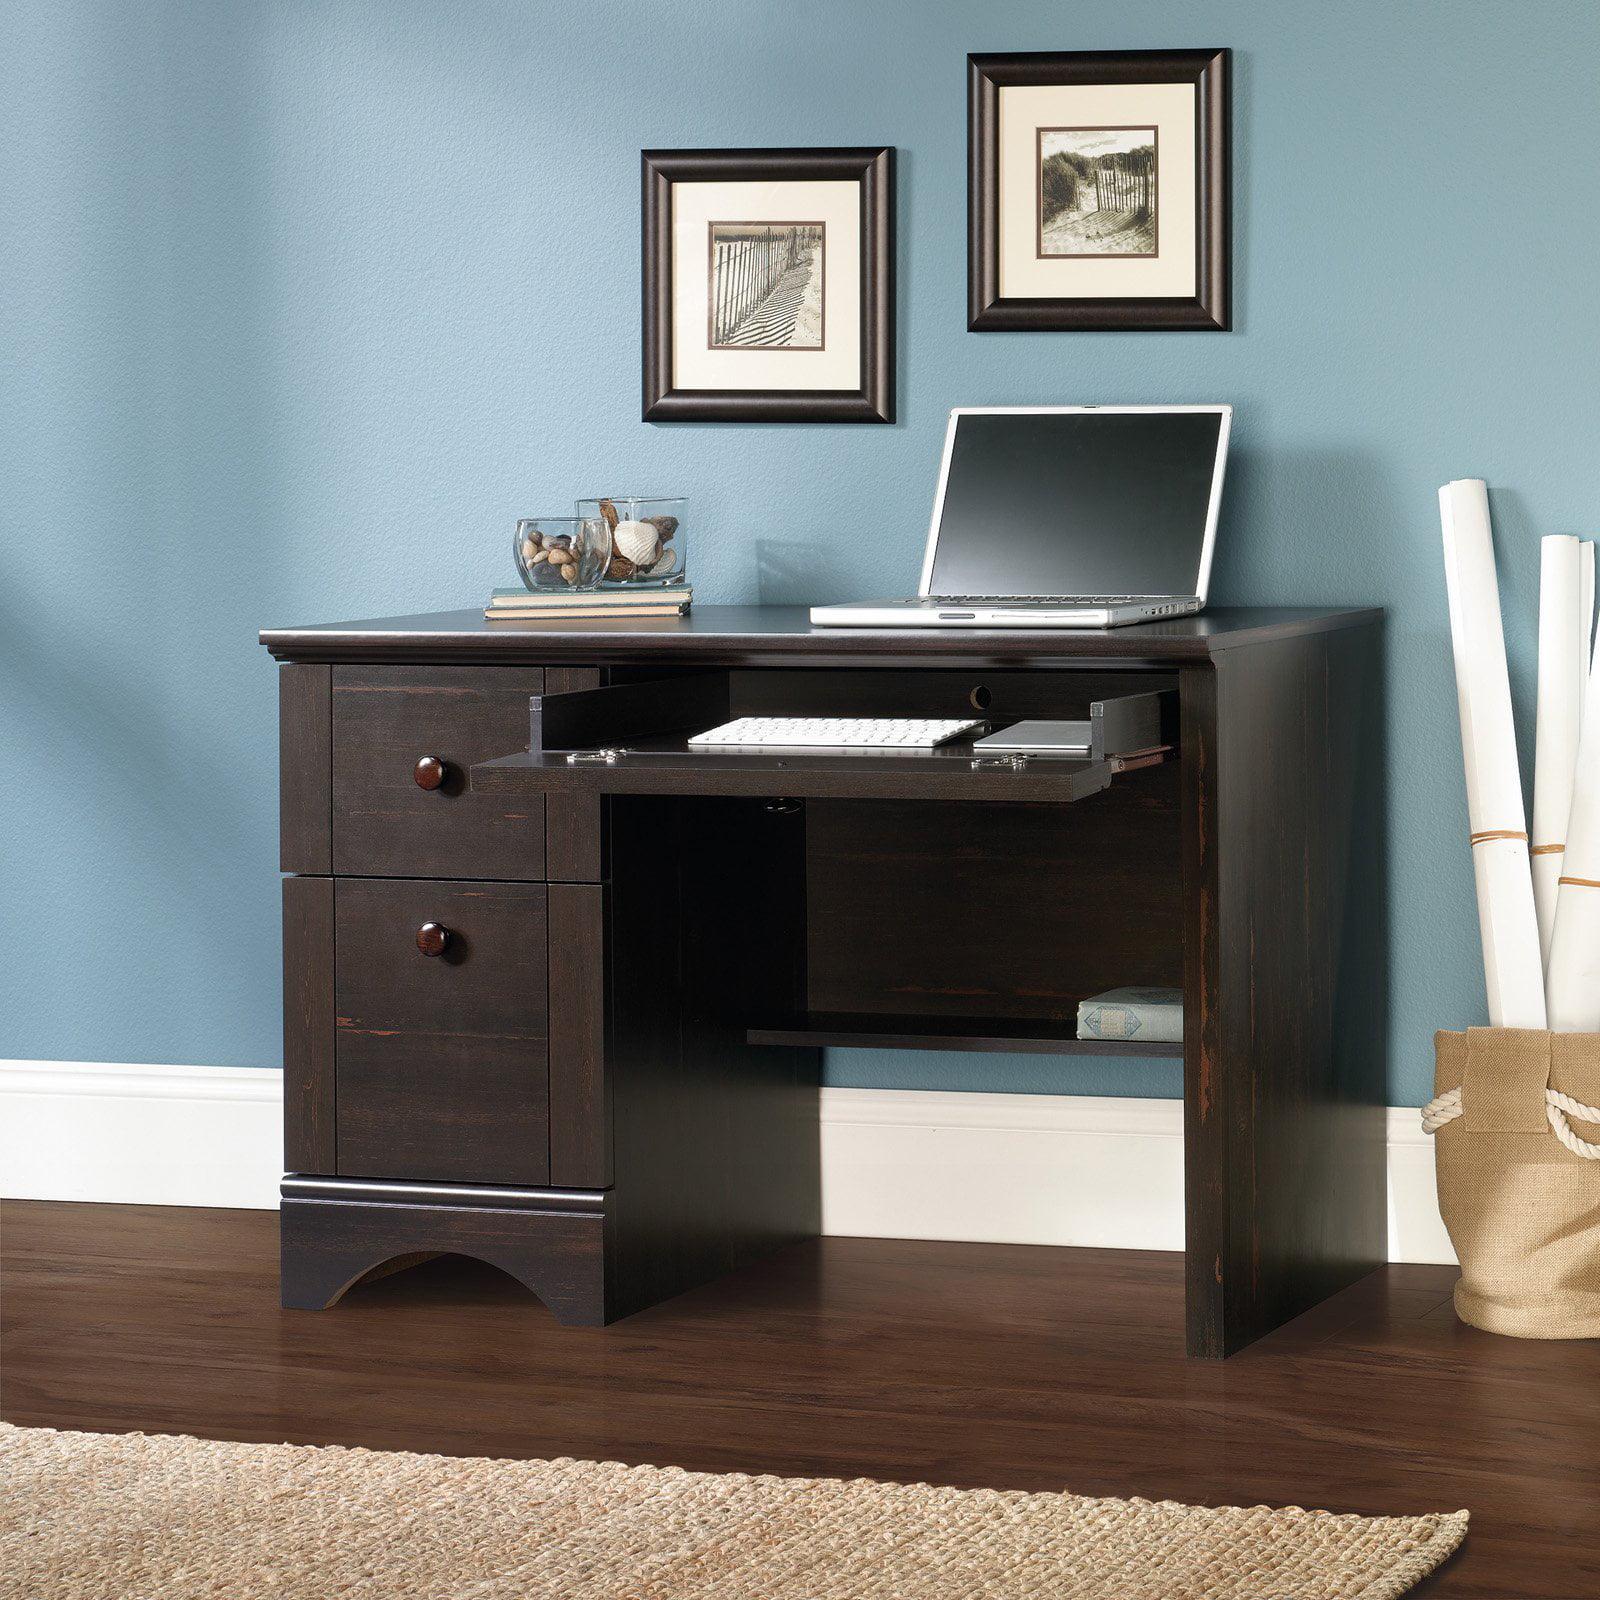 Small Sauder Computer Desk Greatest Sturdiness